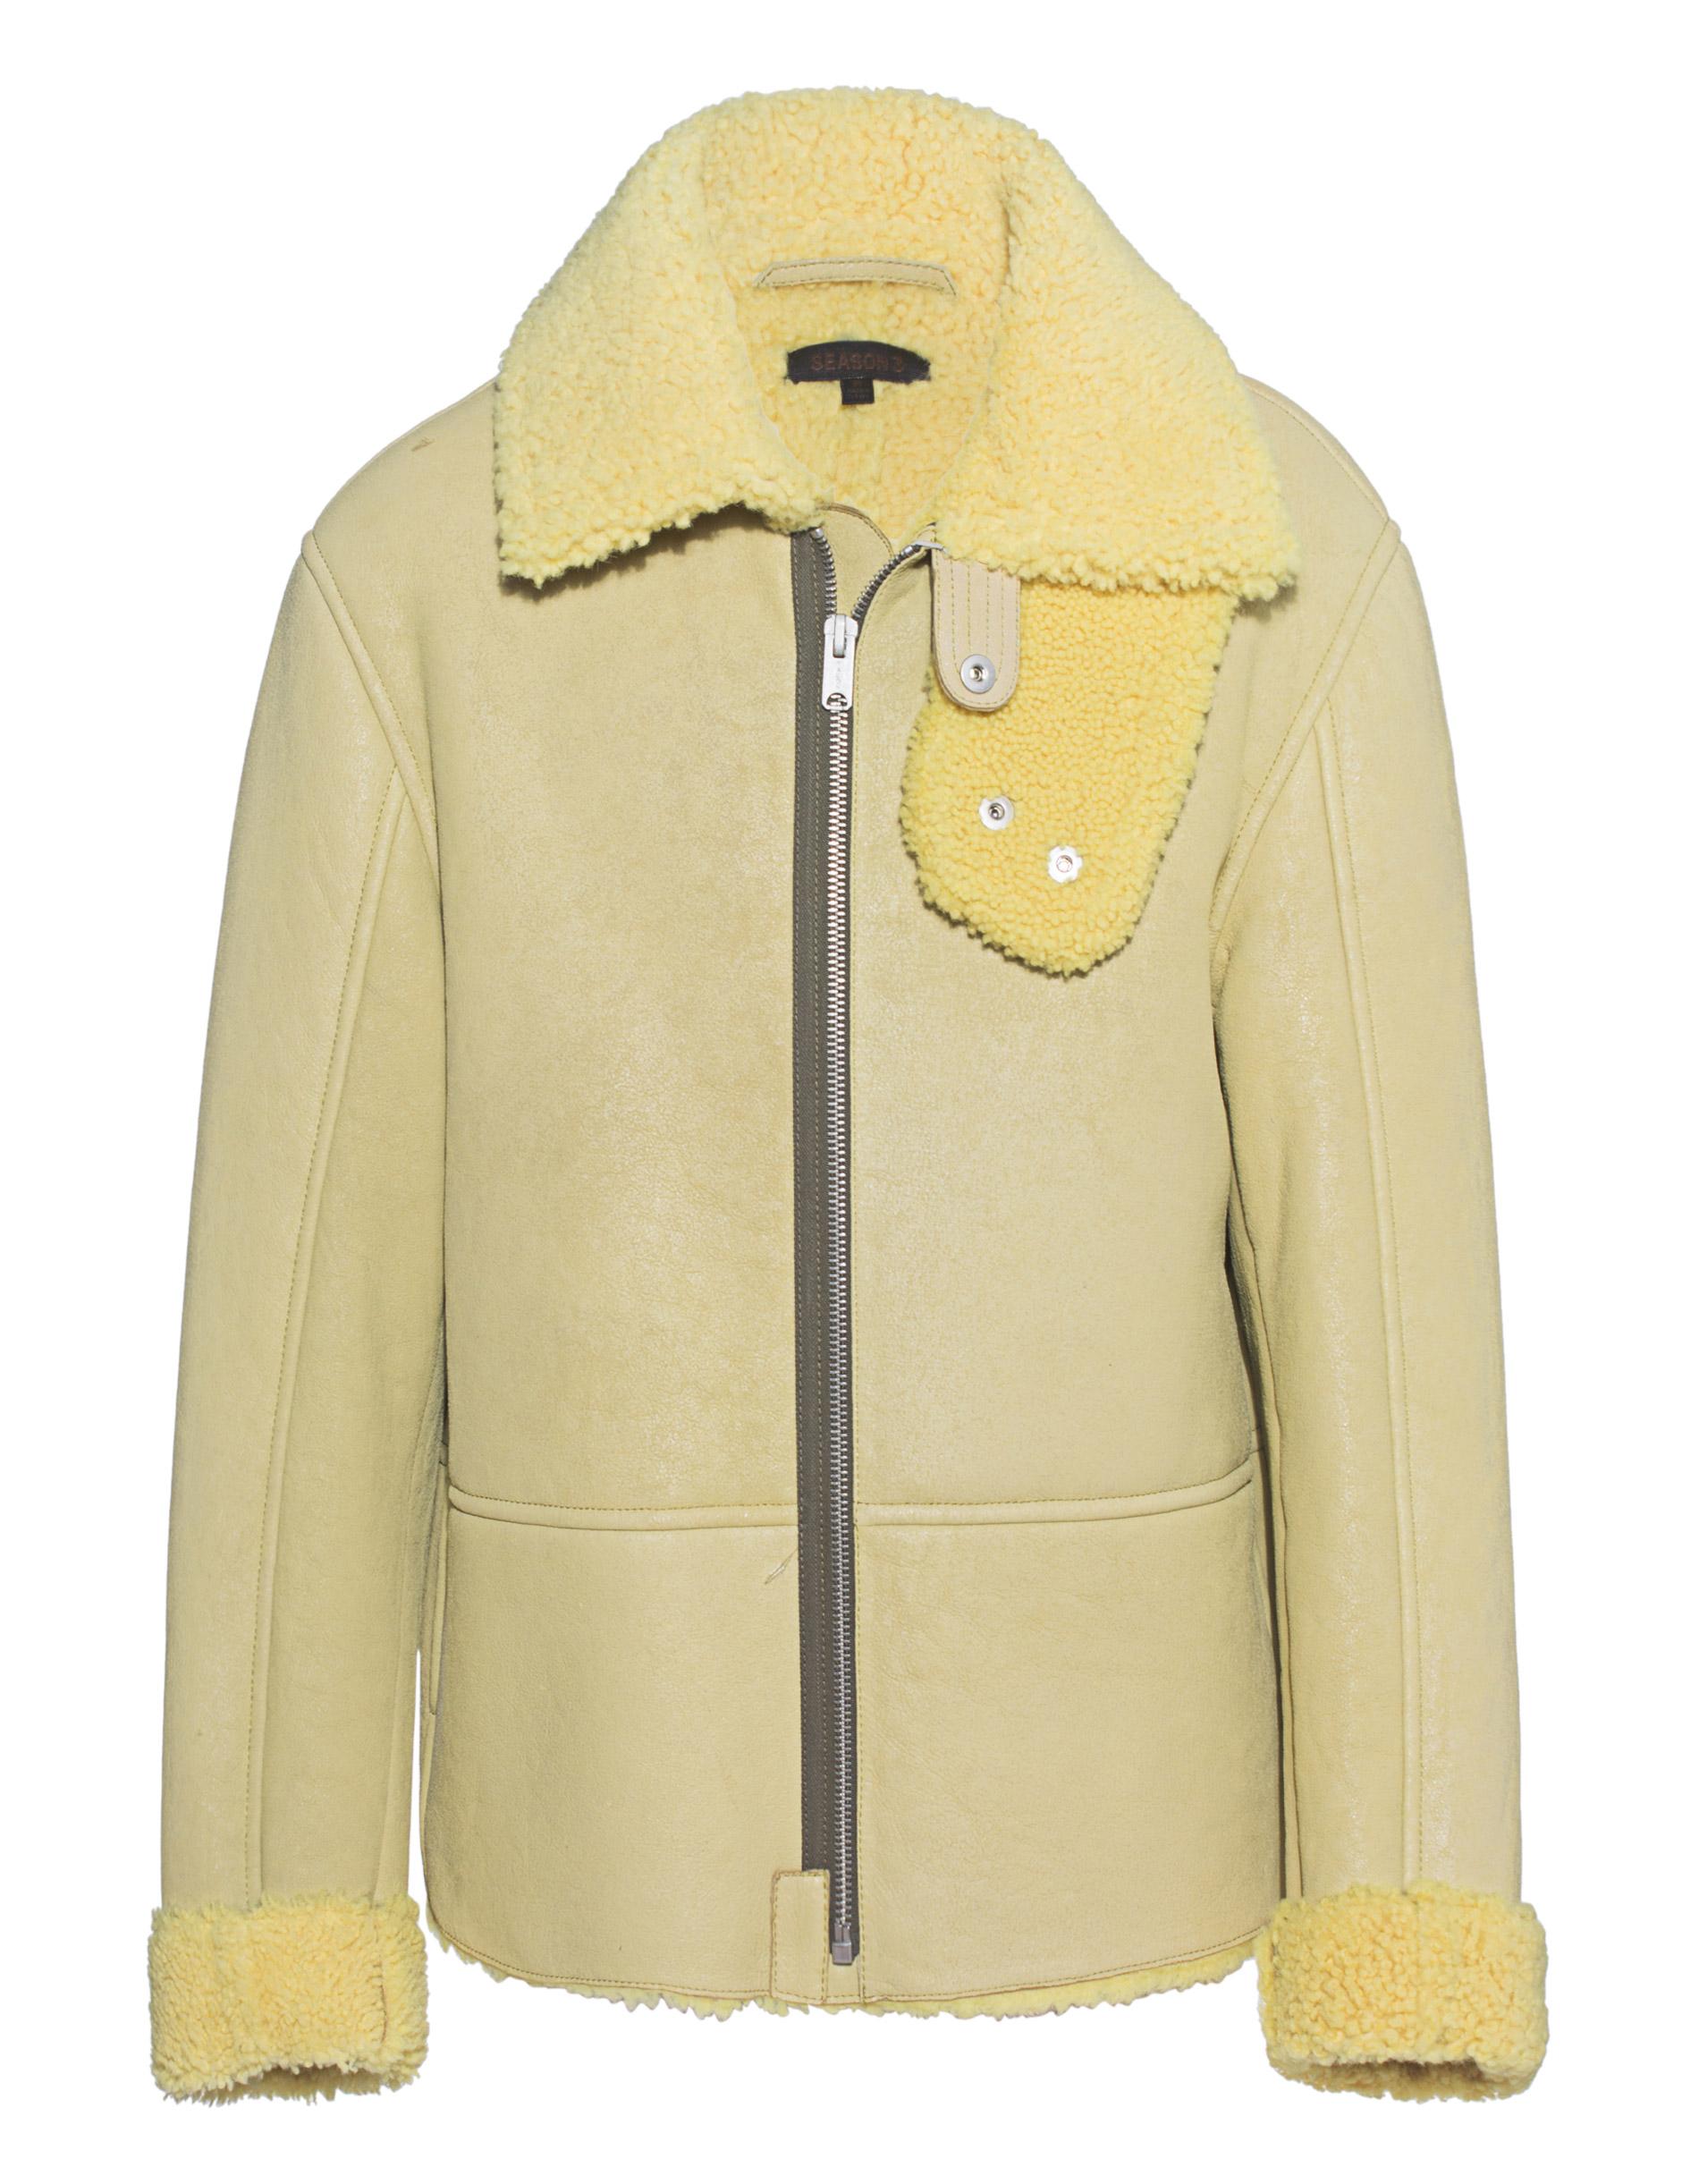 Yellow Fur Jacket Yeezy Season 3